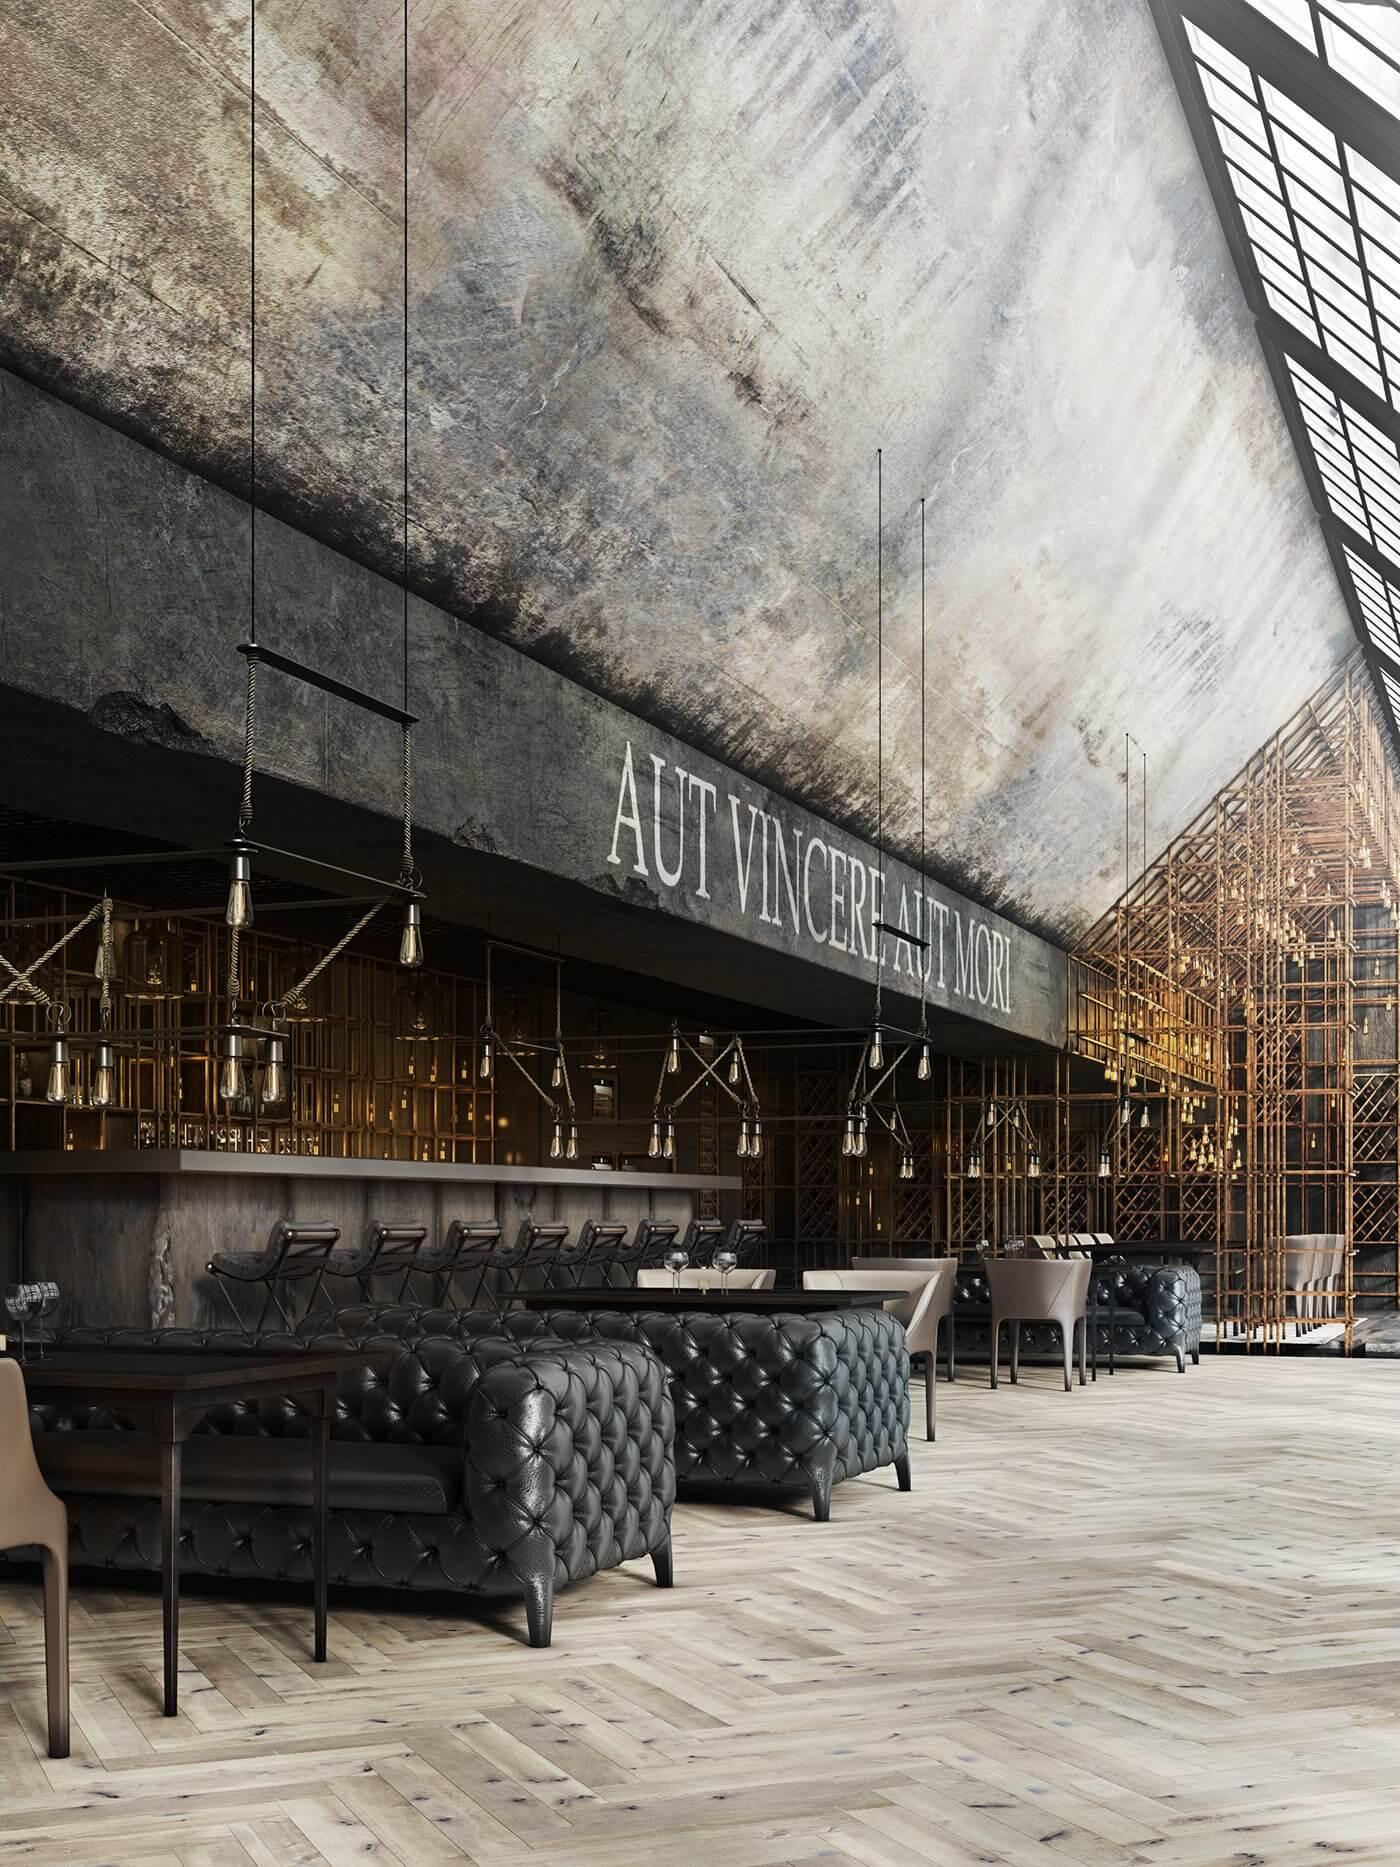 Restaurant Aut vincere aut mori lounge - cgi visualization